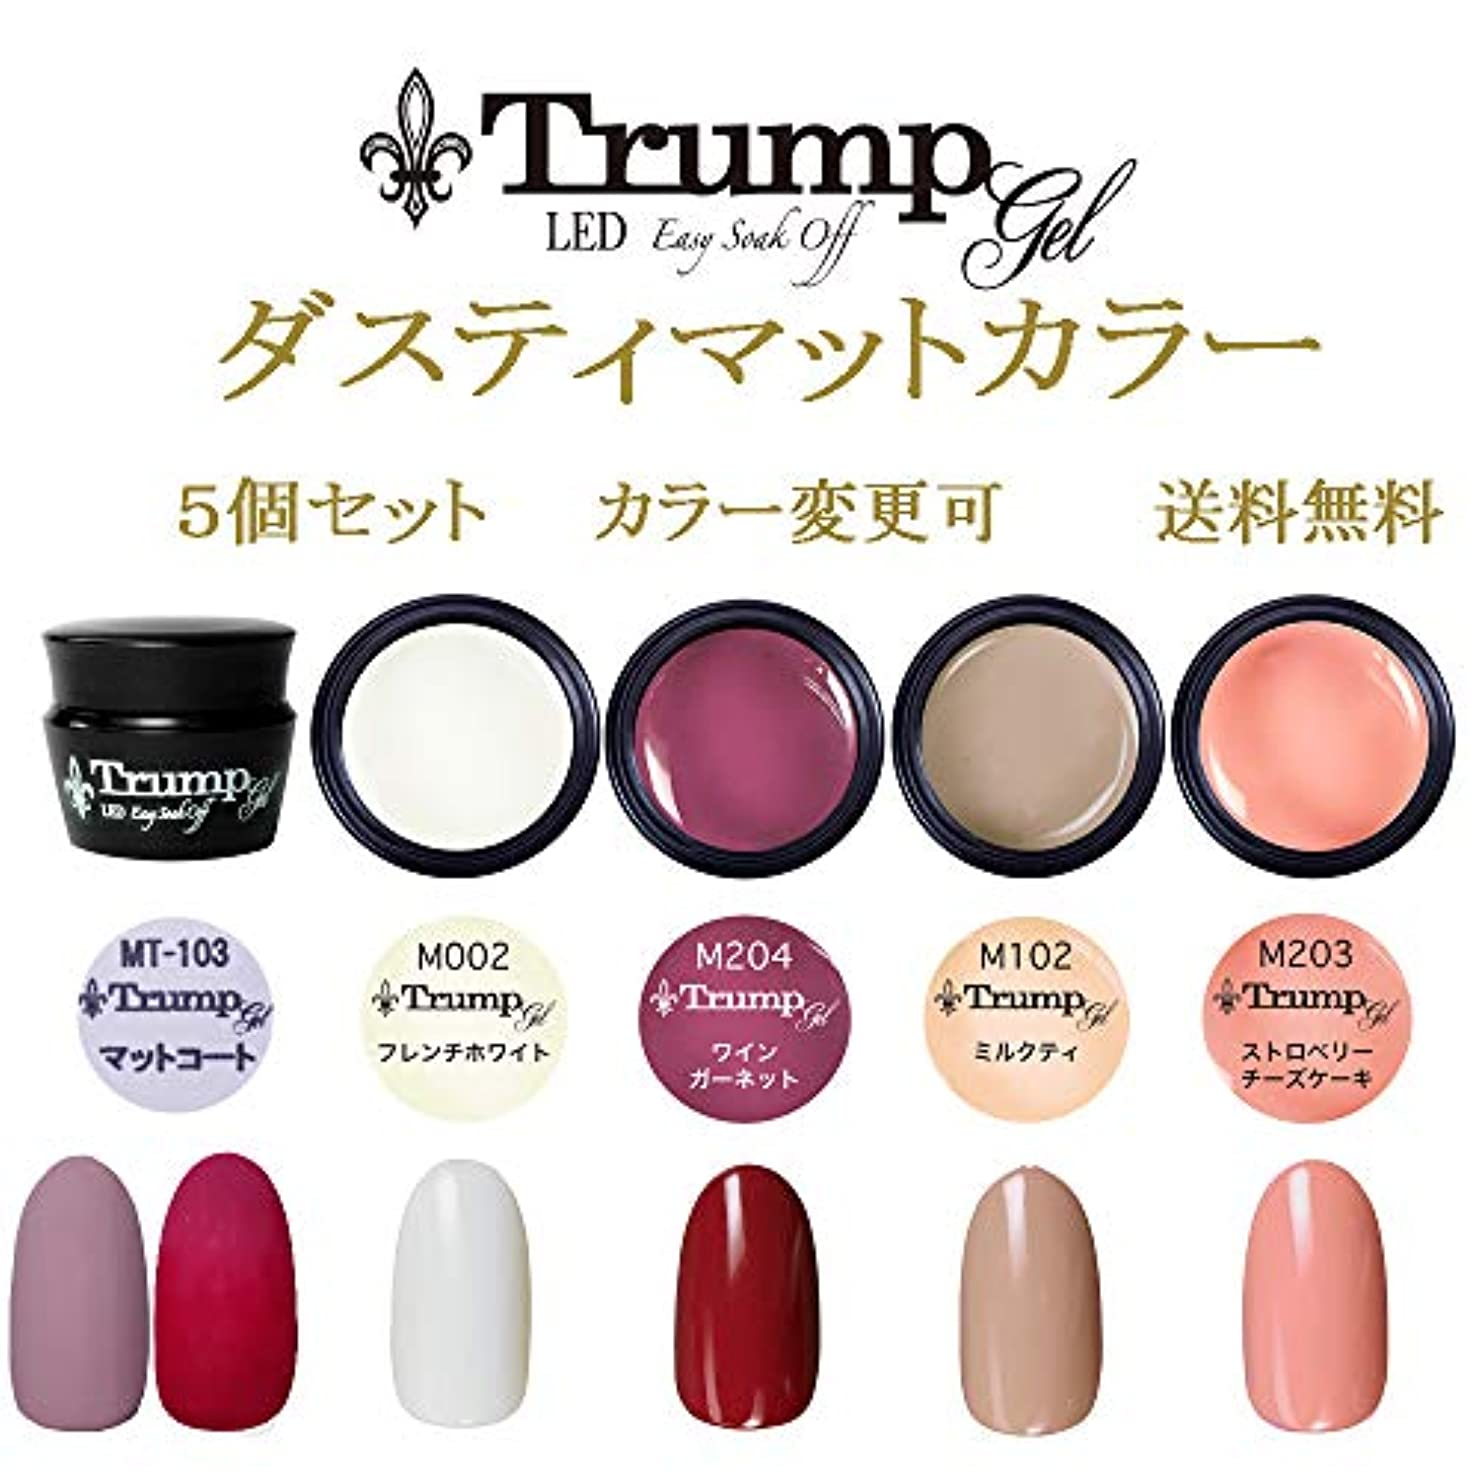 歯科医好色な予測【送料無料】日本製 Trump gel トランプジェル ダスティマット カラージェル 5個セット 魅惑のフロストマットトップとマットに合う人気カラーをチョイス